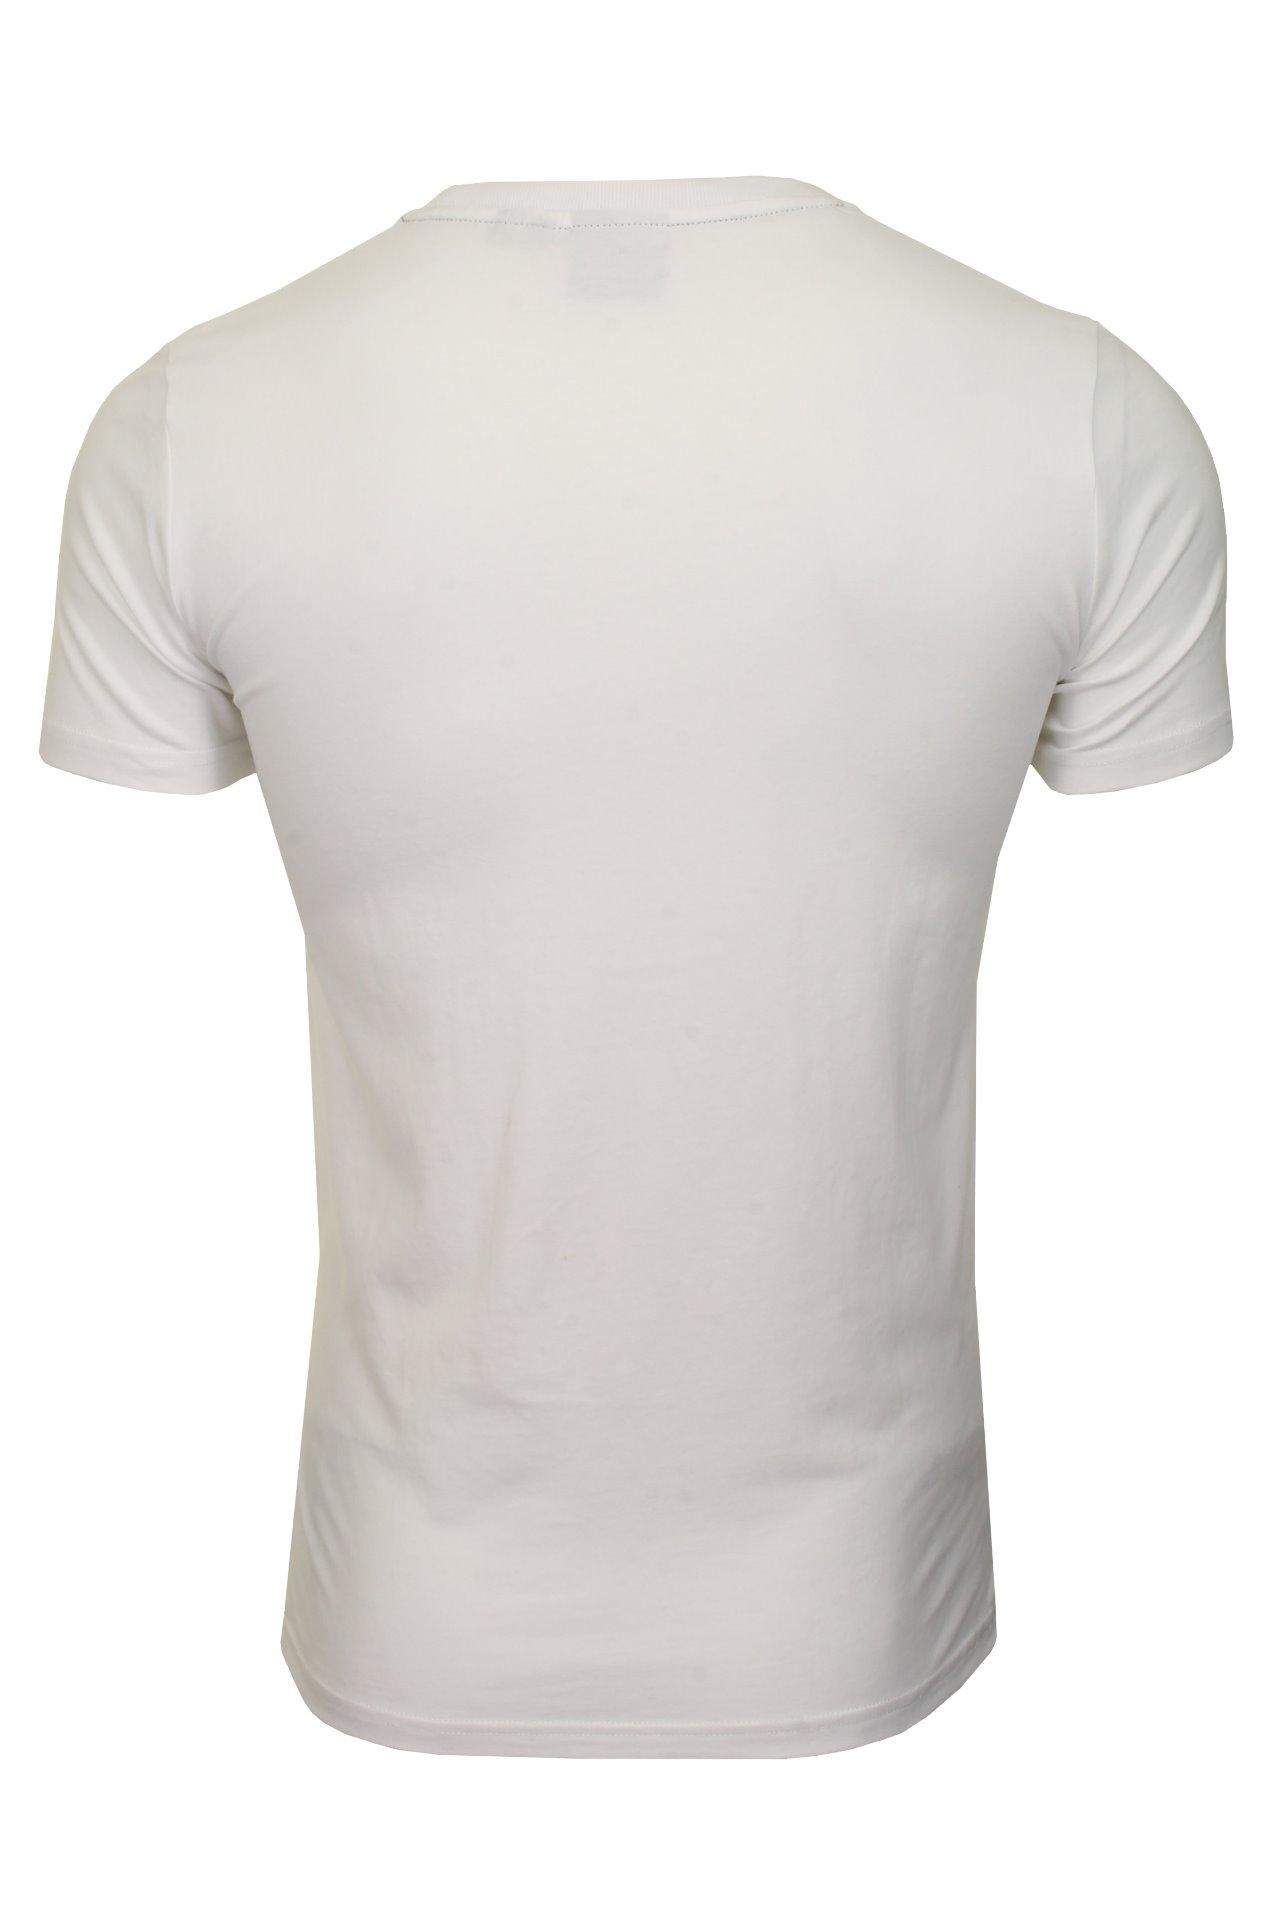 Superdry-T-shirt-homme-034-Cross-Hatch-TEE-034 miniature 6